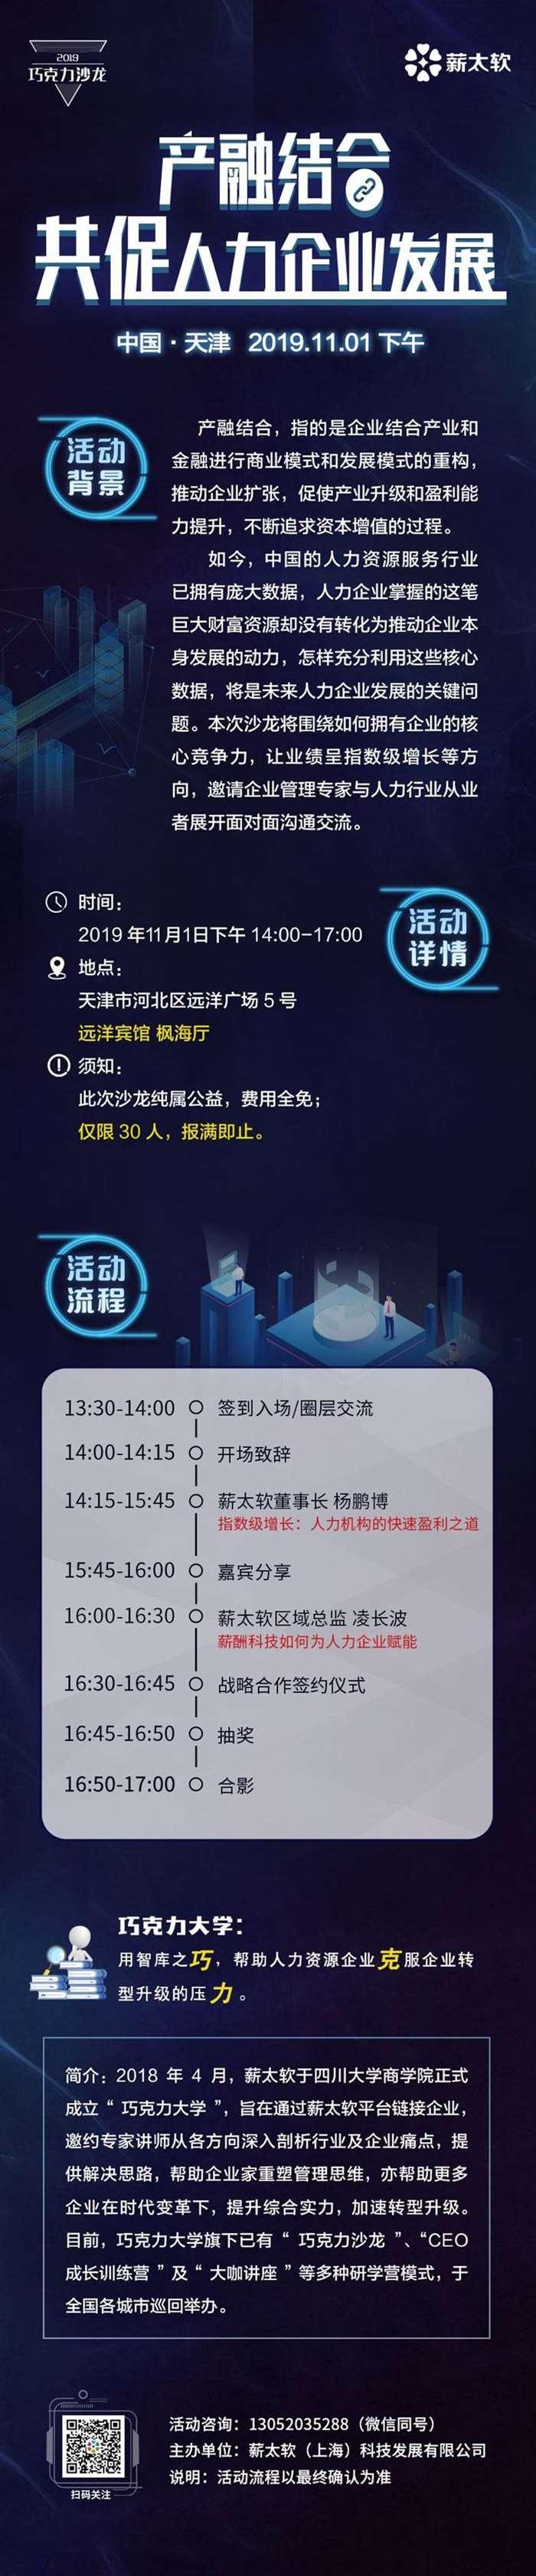 20191020活动长图.jpg